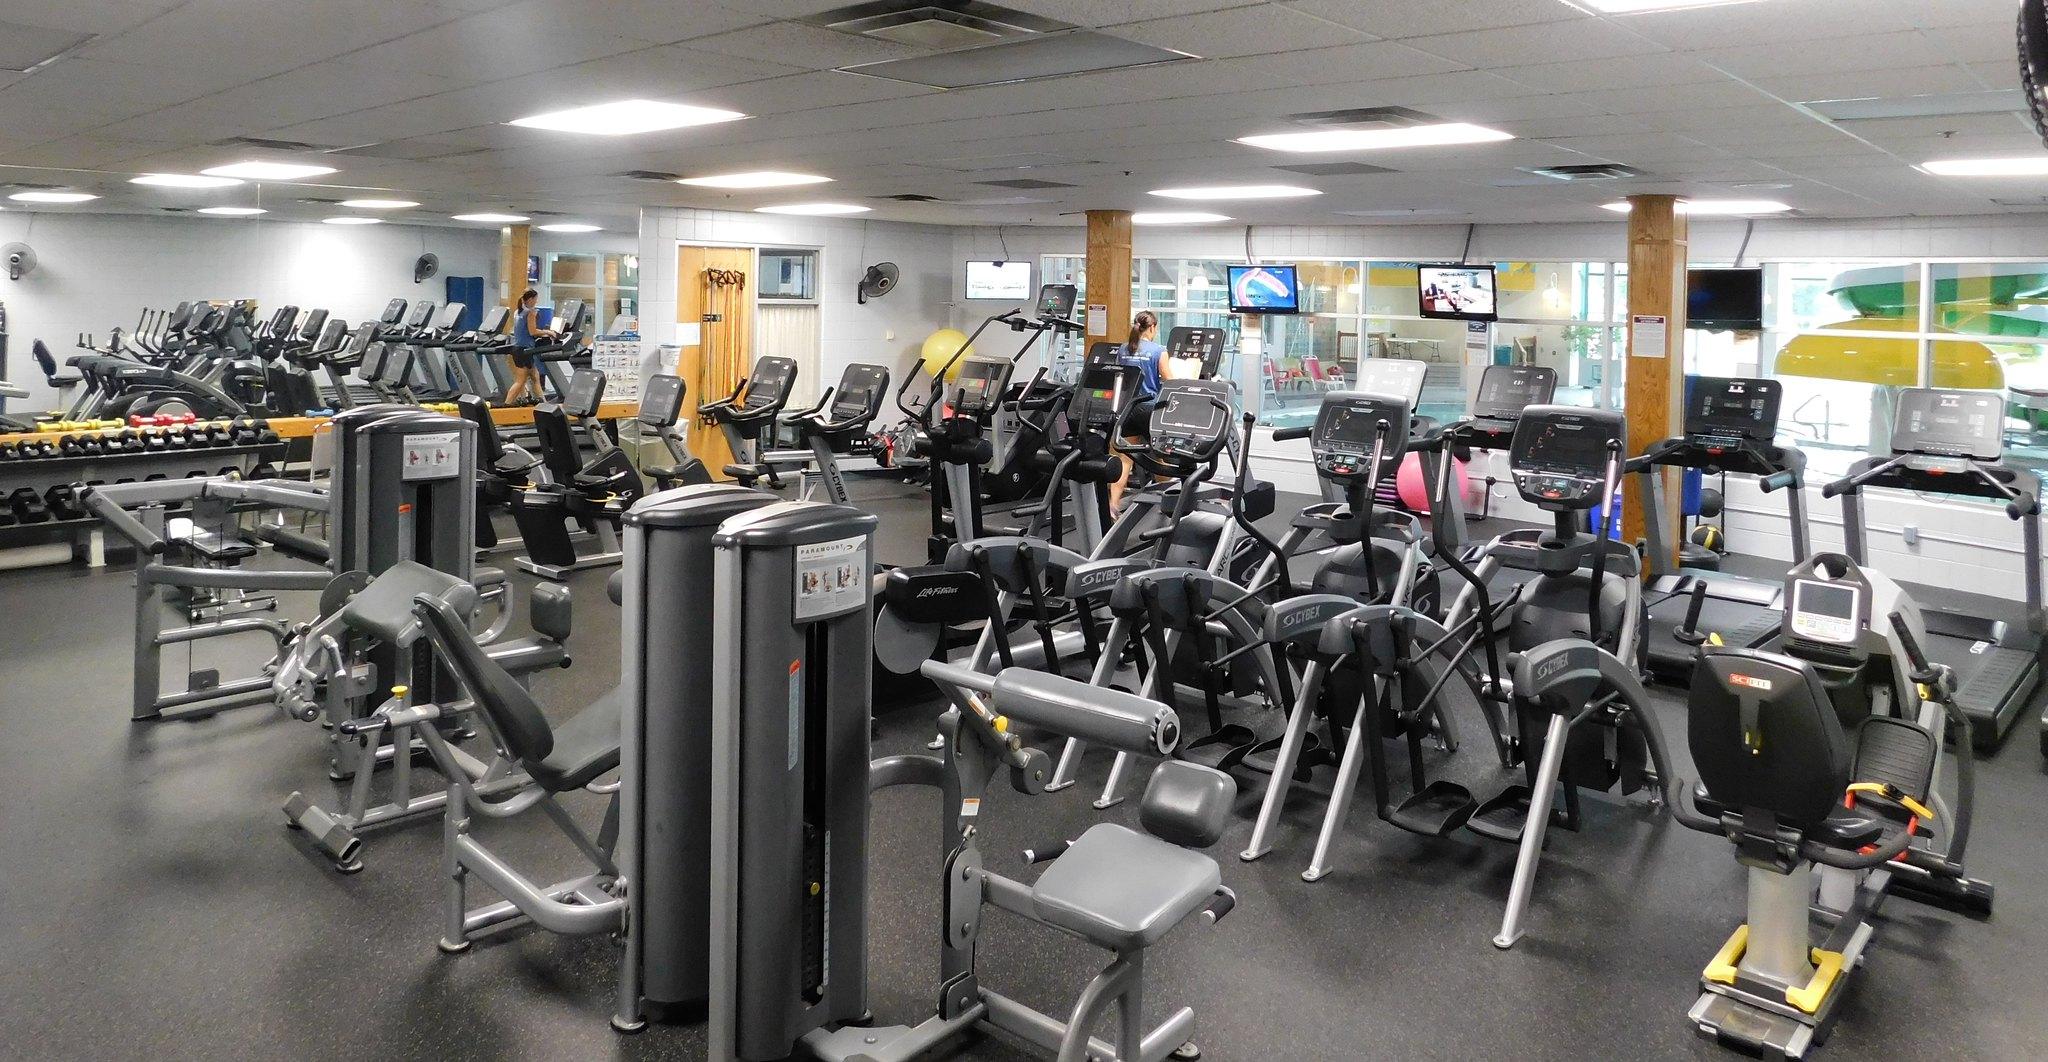 Fitness room becker community center